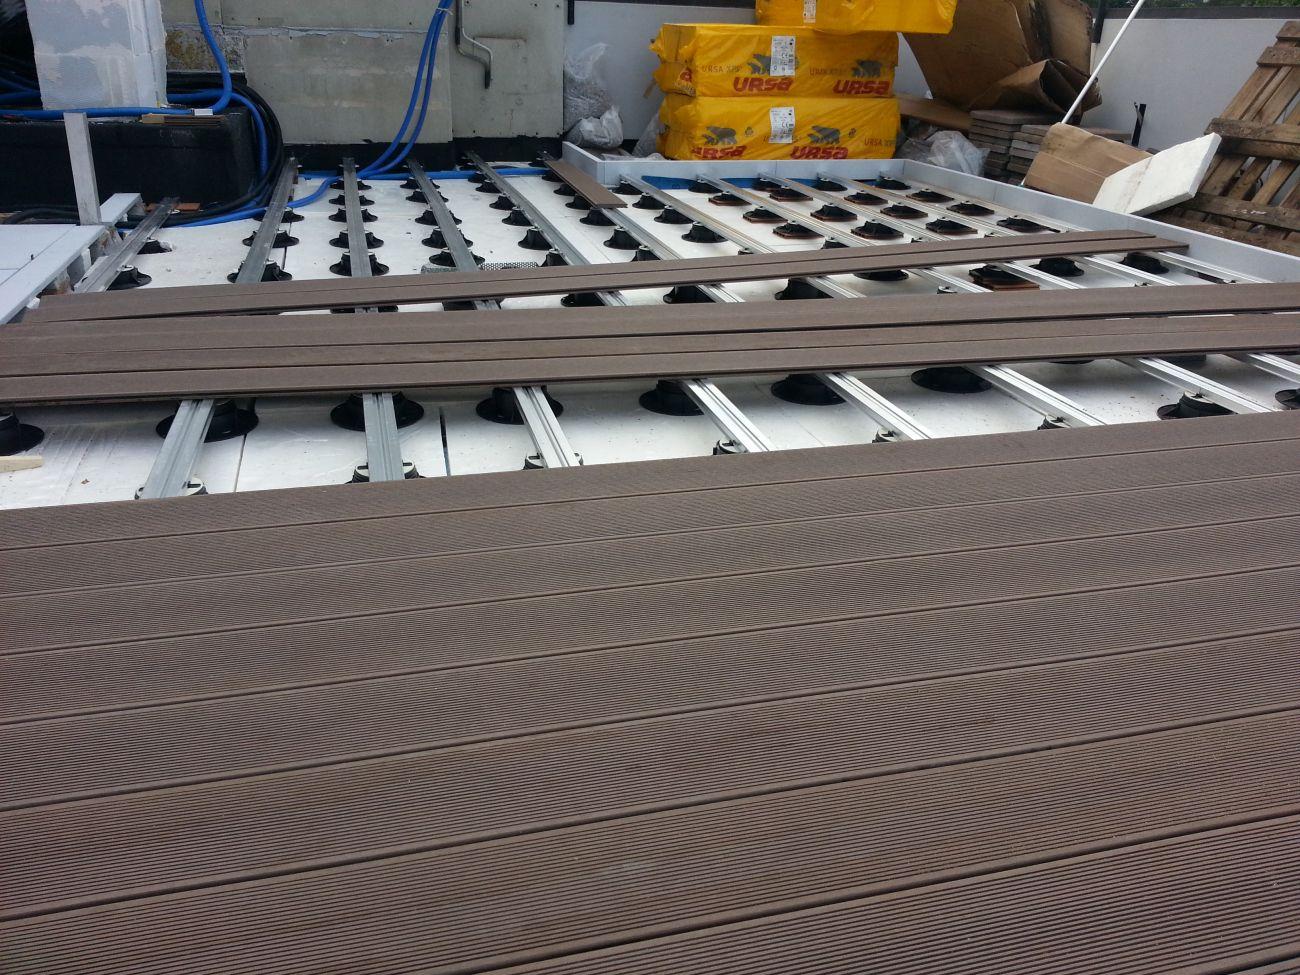 parquet per terrazzi | Soriano pavimenti in legno